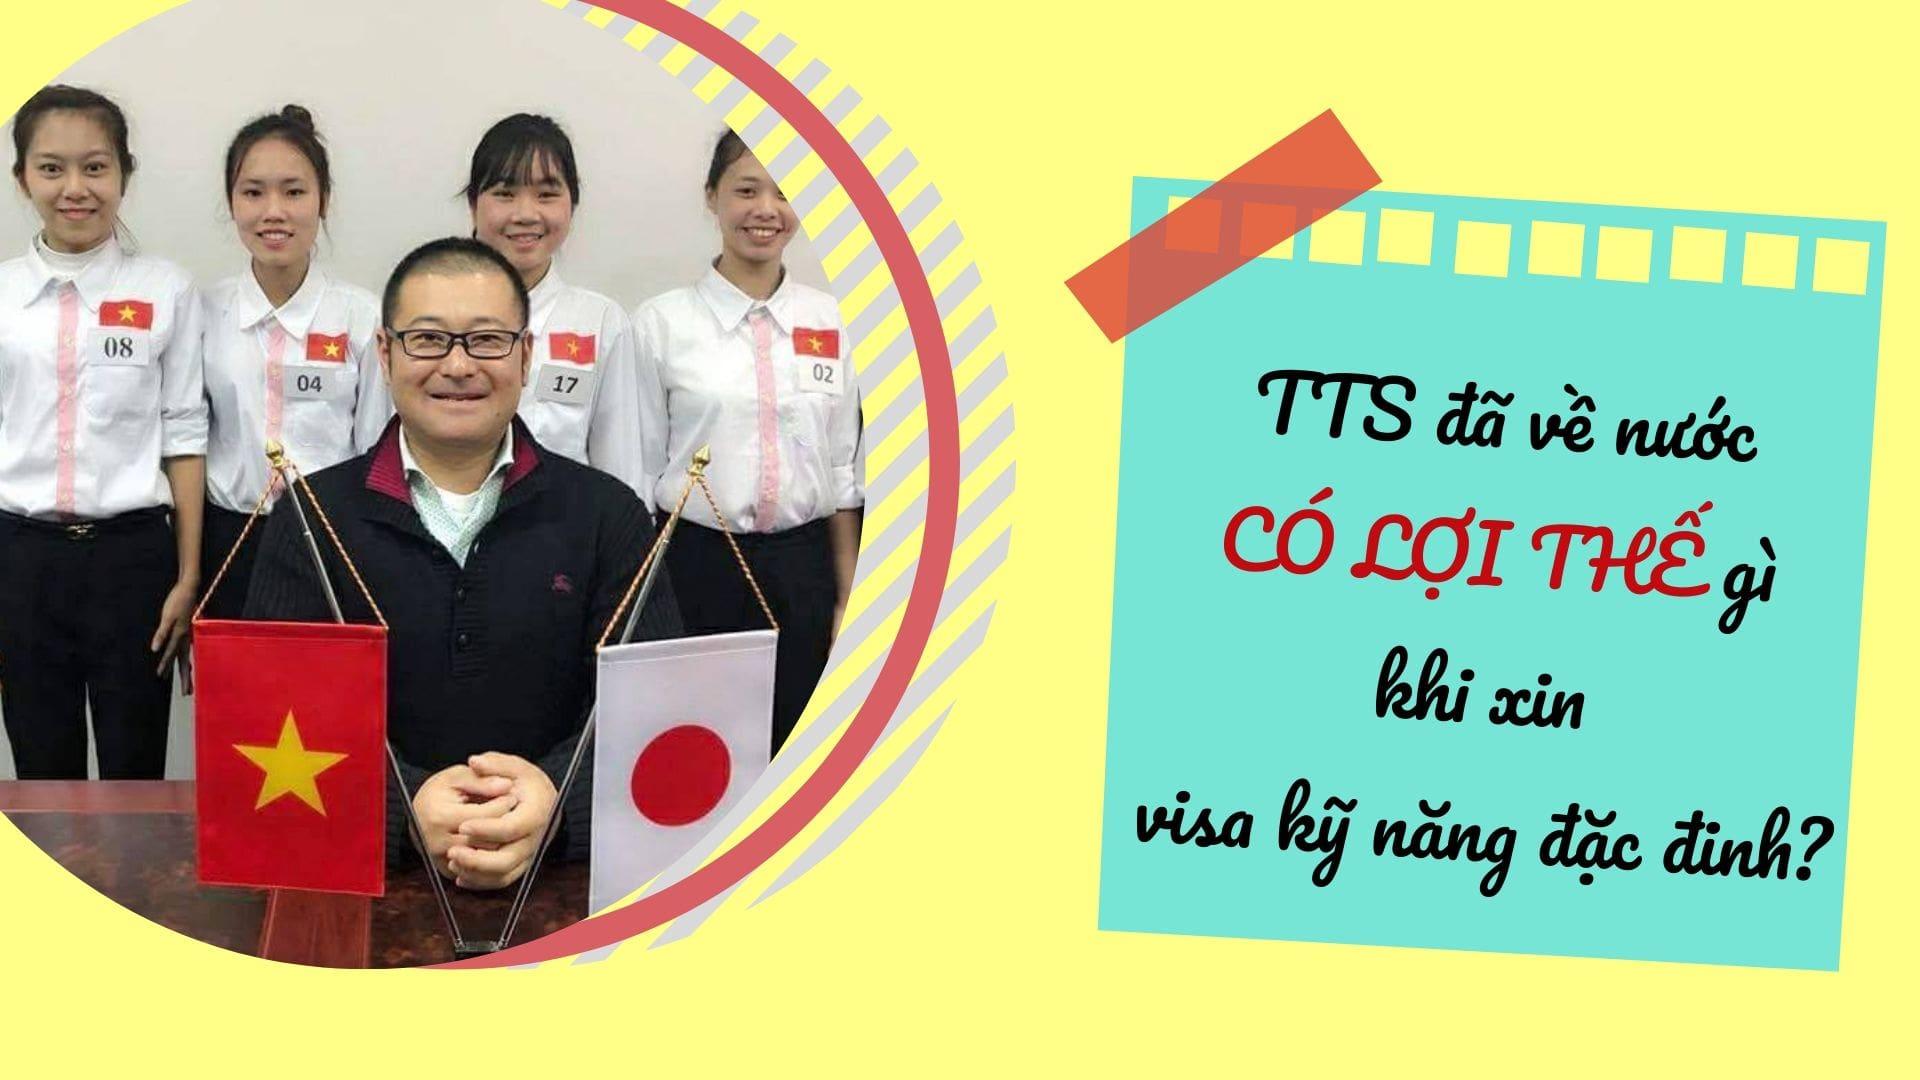 TTS đã về nước có ưu thế khi tham gia chương trình visa kỹ năng  đặc định